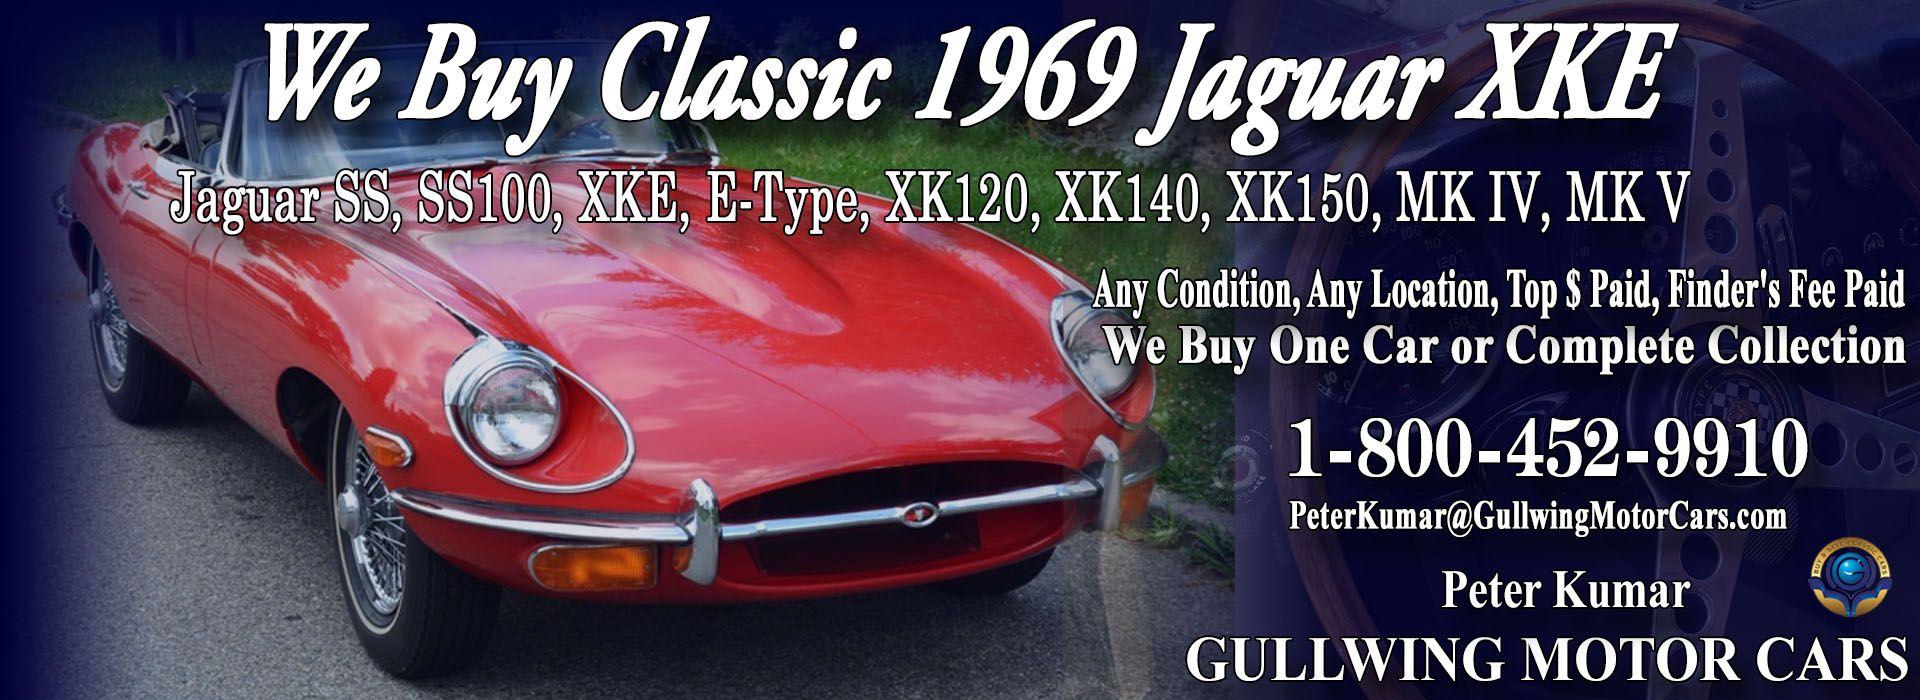 1969 jaguar xke 69 jaguar xke 1969 jaguar xke etype 1969 jaguar 1969 jaguar xke 69 jaguar xke 1969 jaguar xke etype 1969 jaguar etype publicscrutiny Gallery